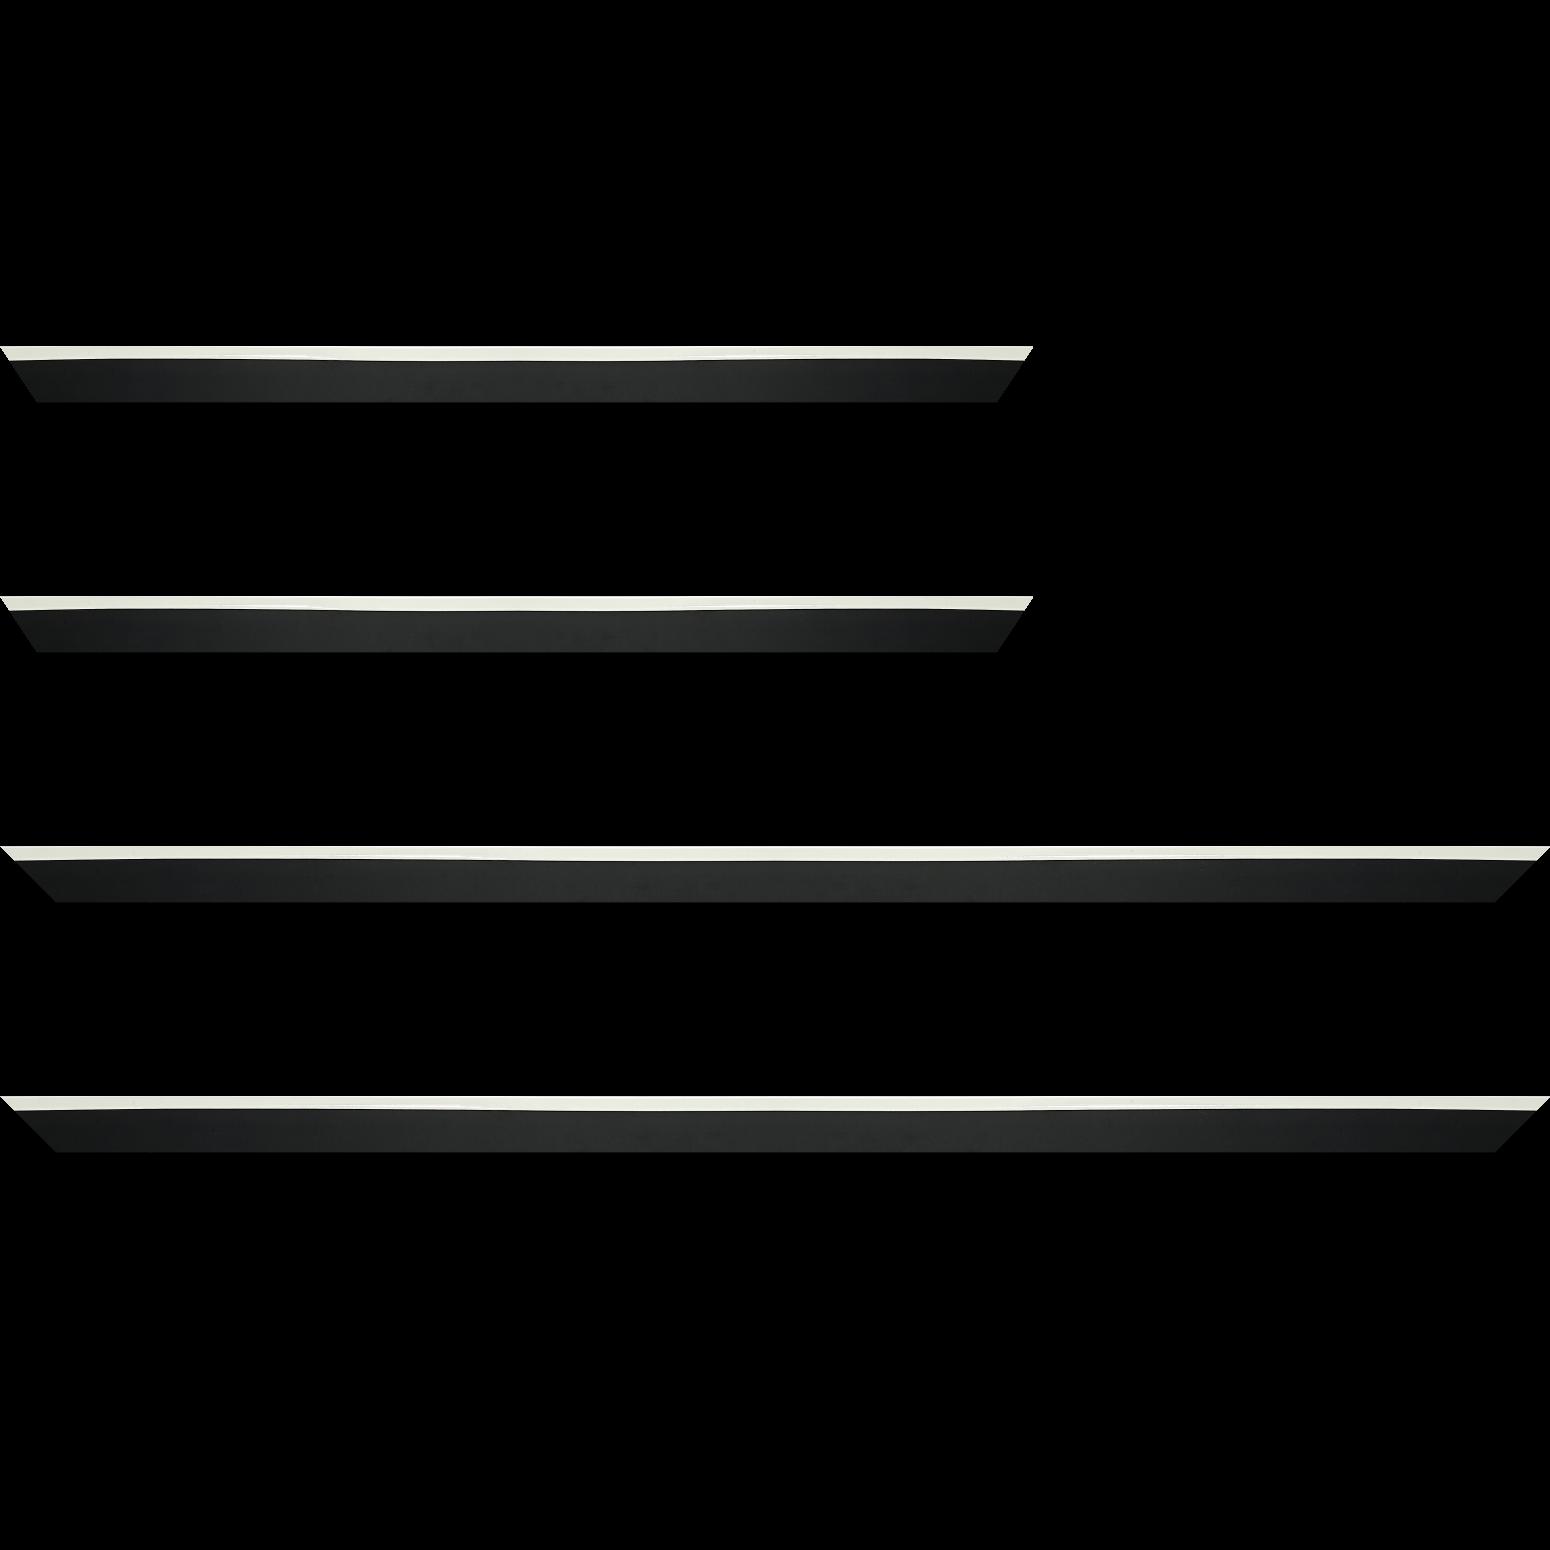 Baguette service précoupé Bois profil en pente plongeant largeur 2.2cm couleur noir laqué filet extérieur blanc laqué